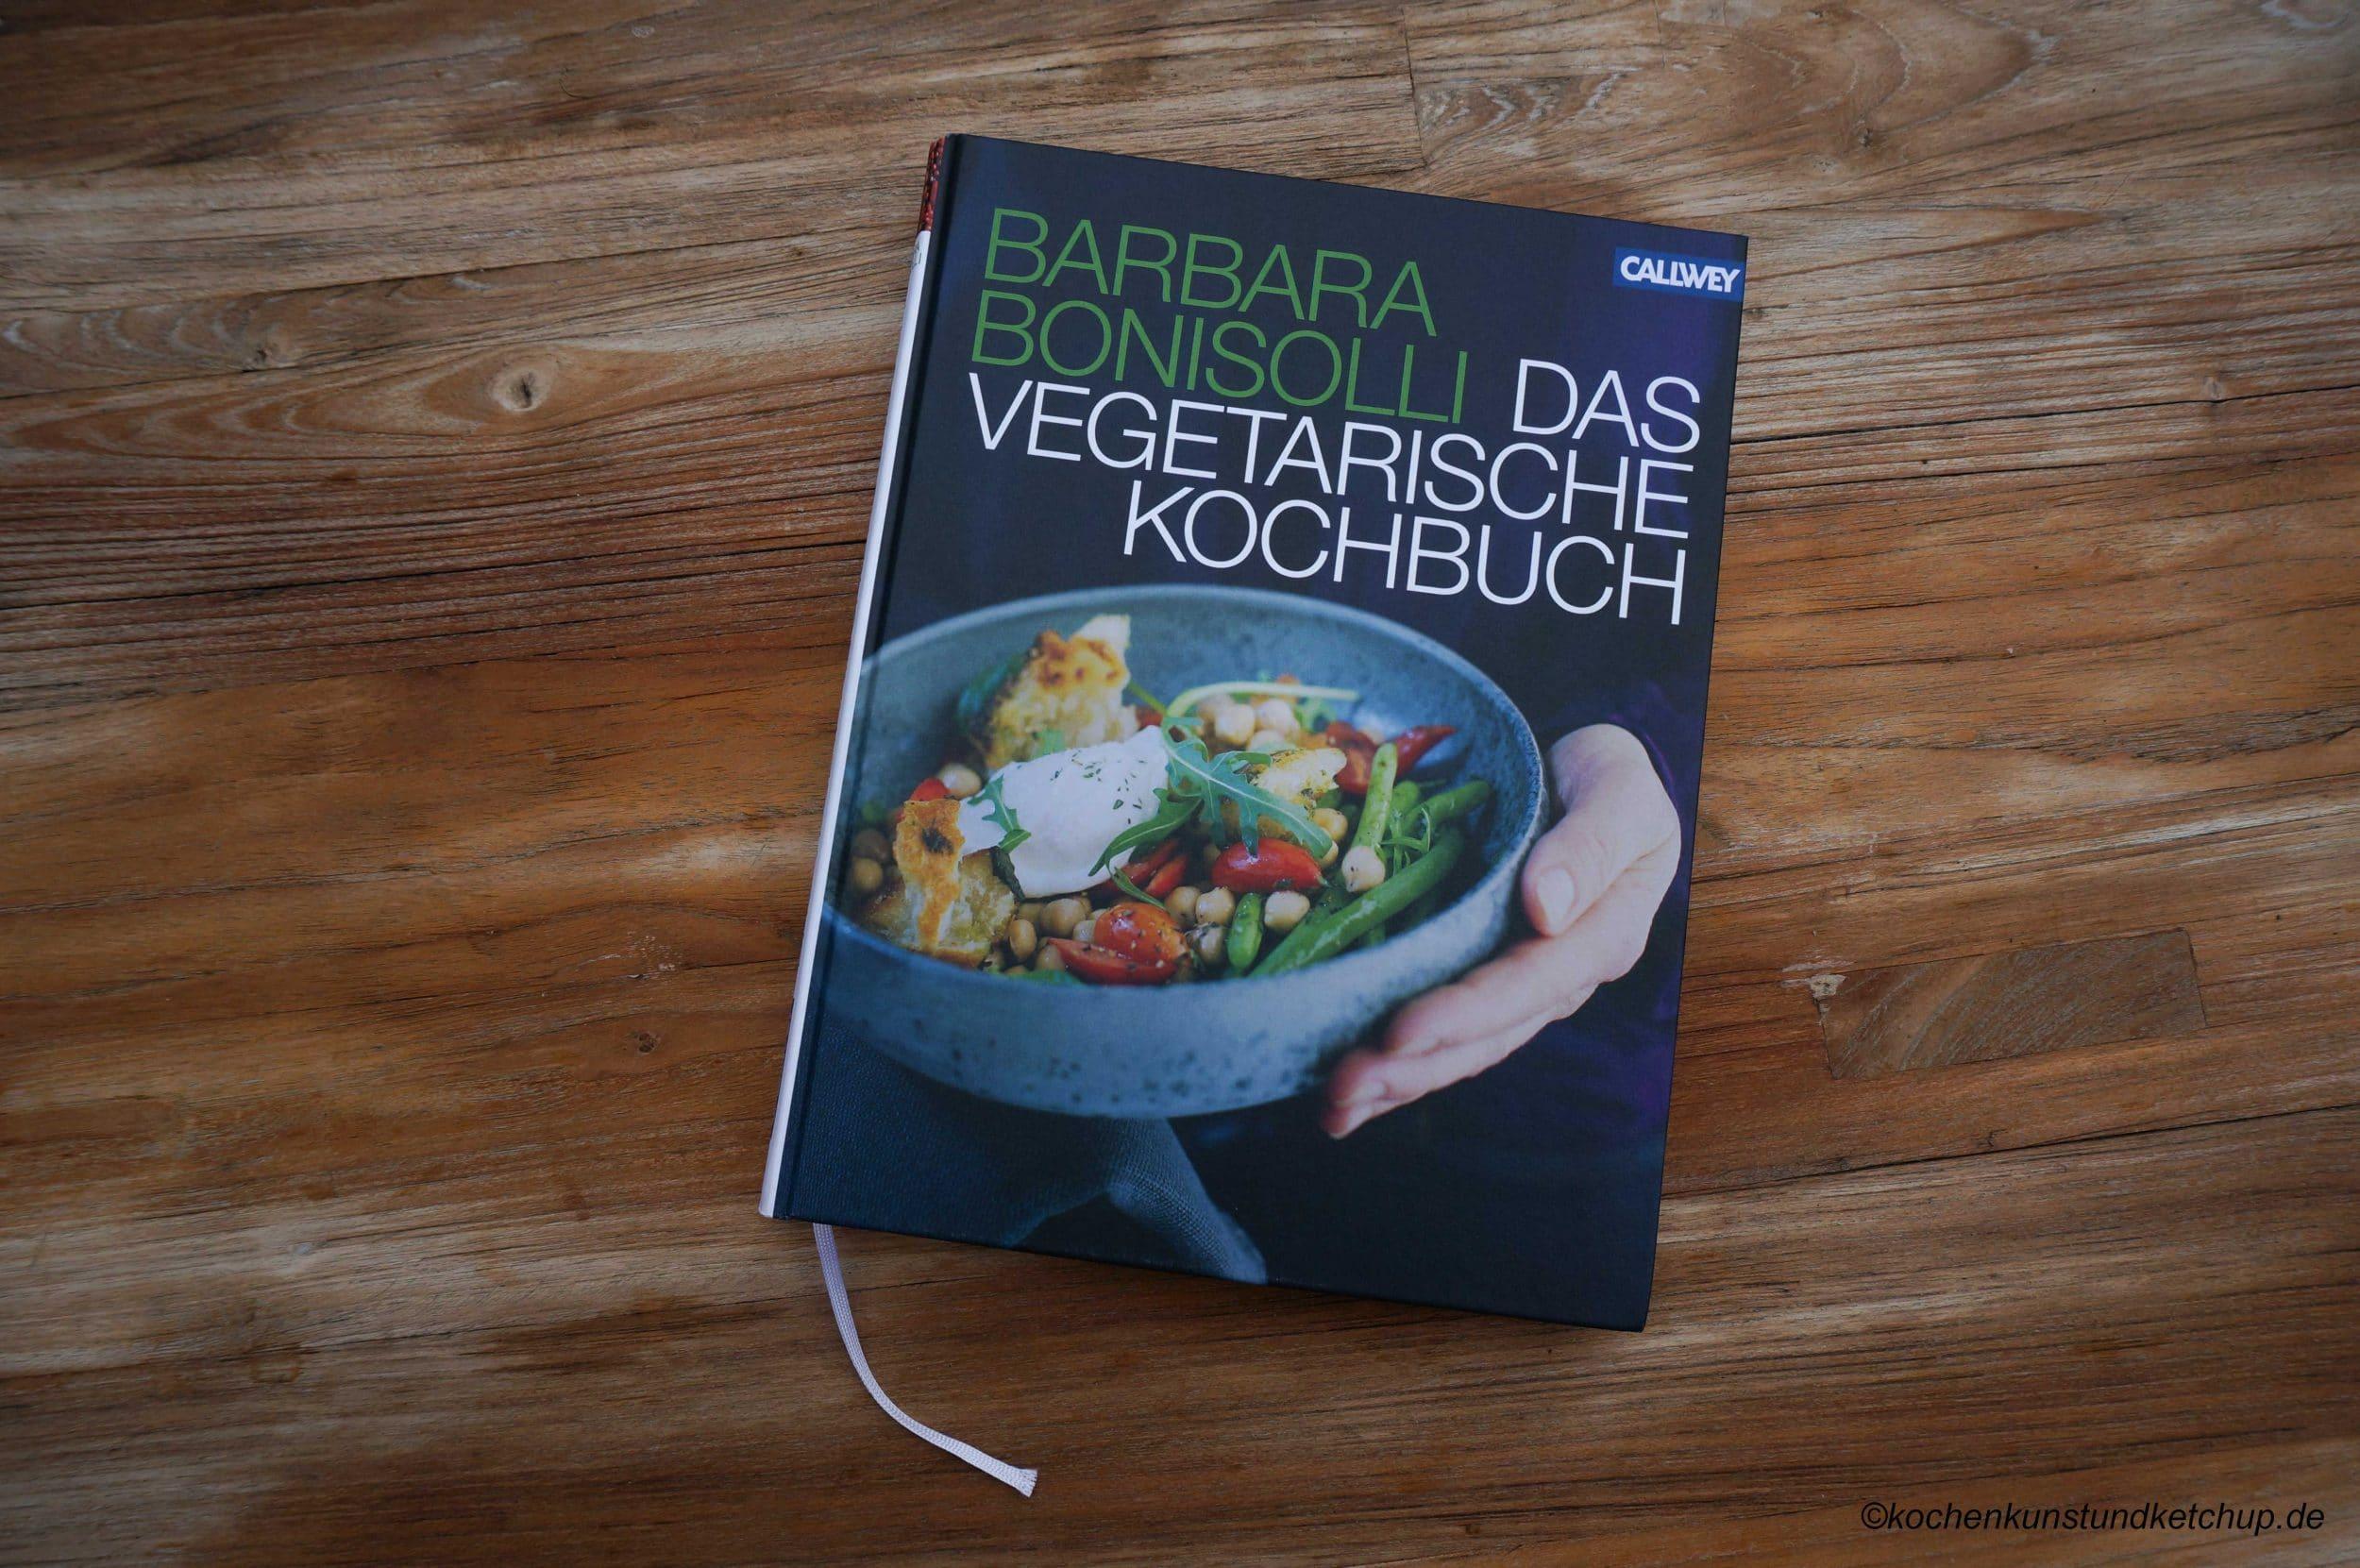 Outdoor Küche Vegetarisch : Französische küche rezepte vegetarisch. küche spritzschutz